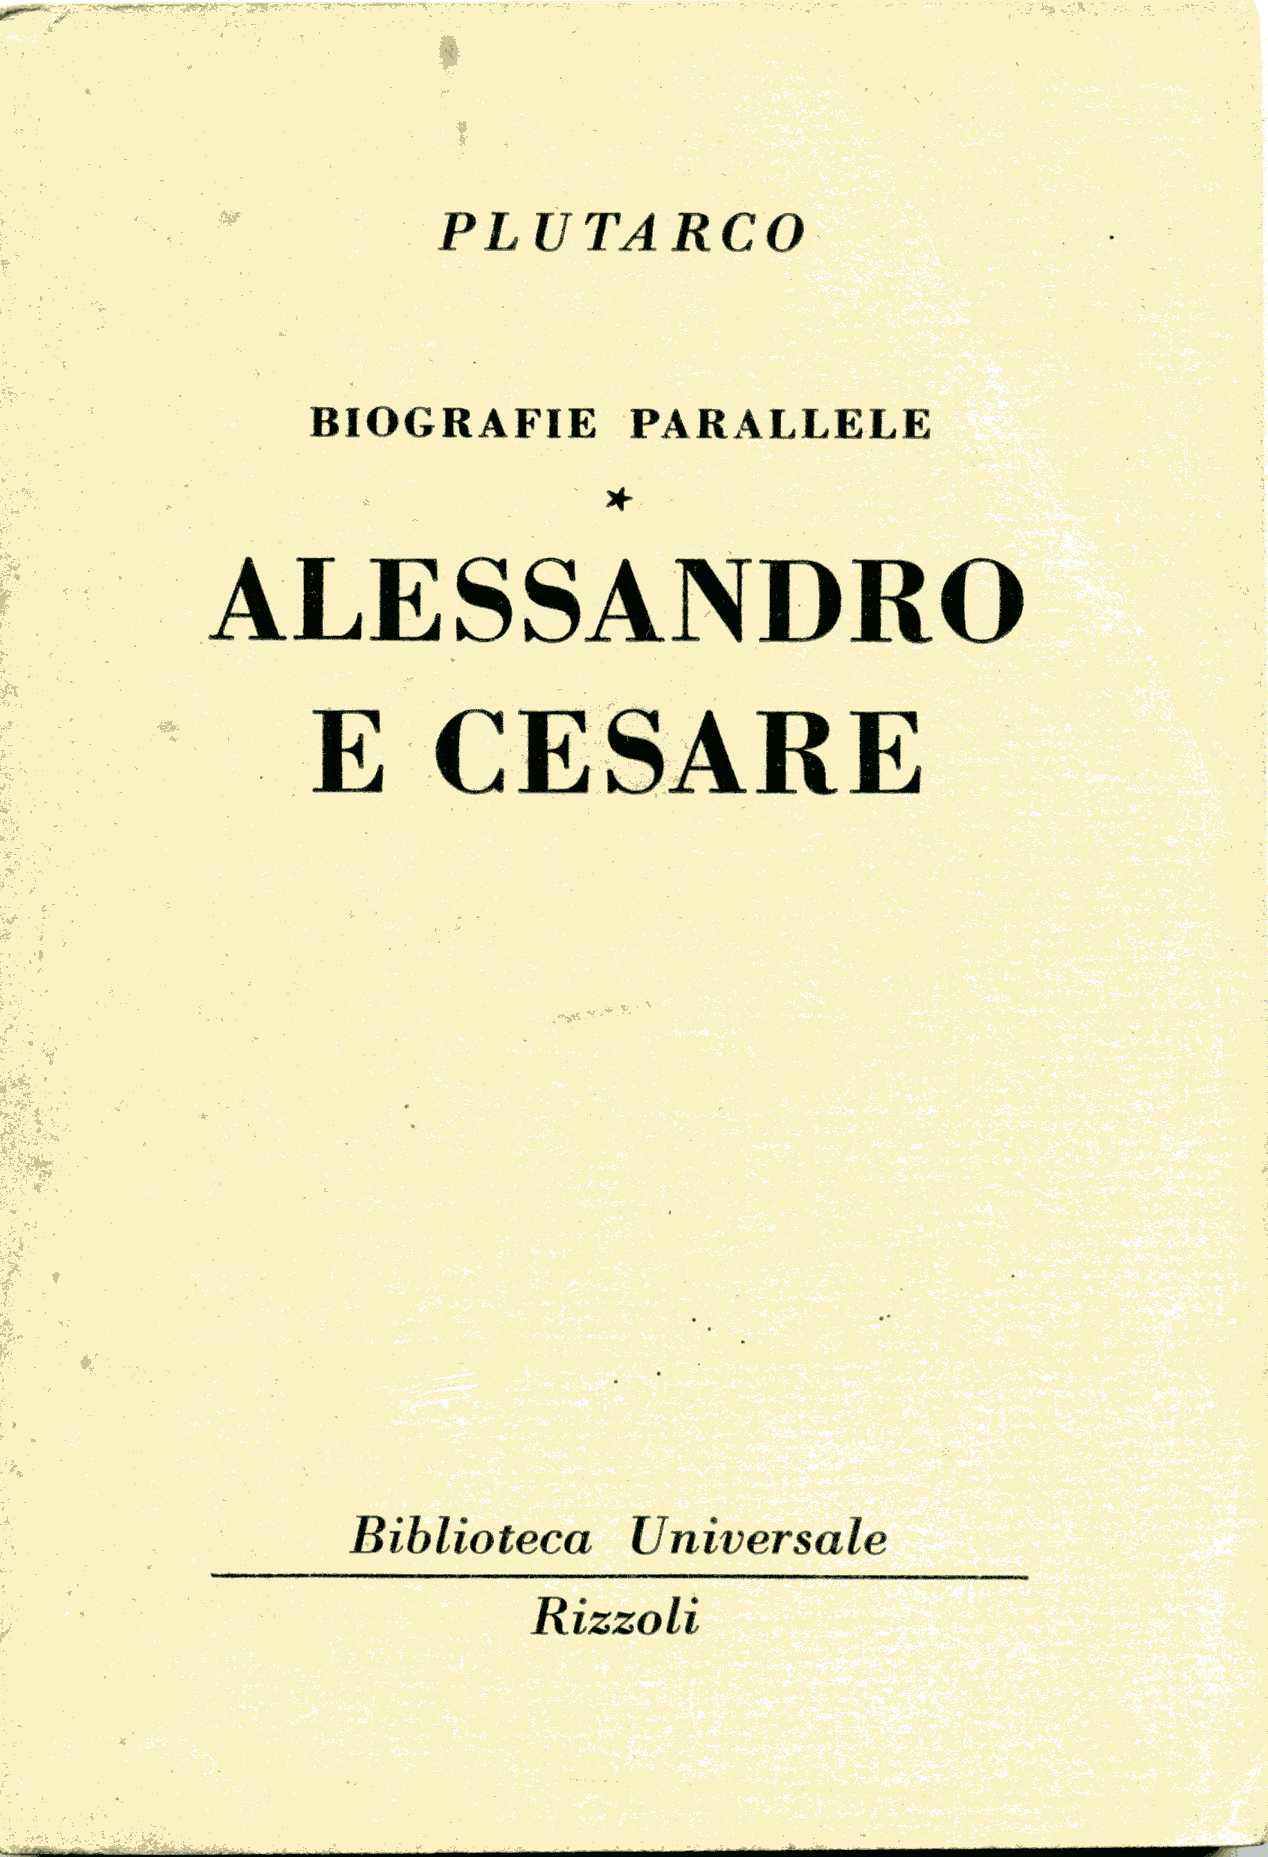 Alessandro e Cesare